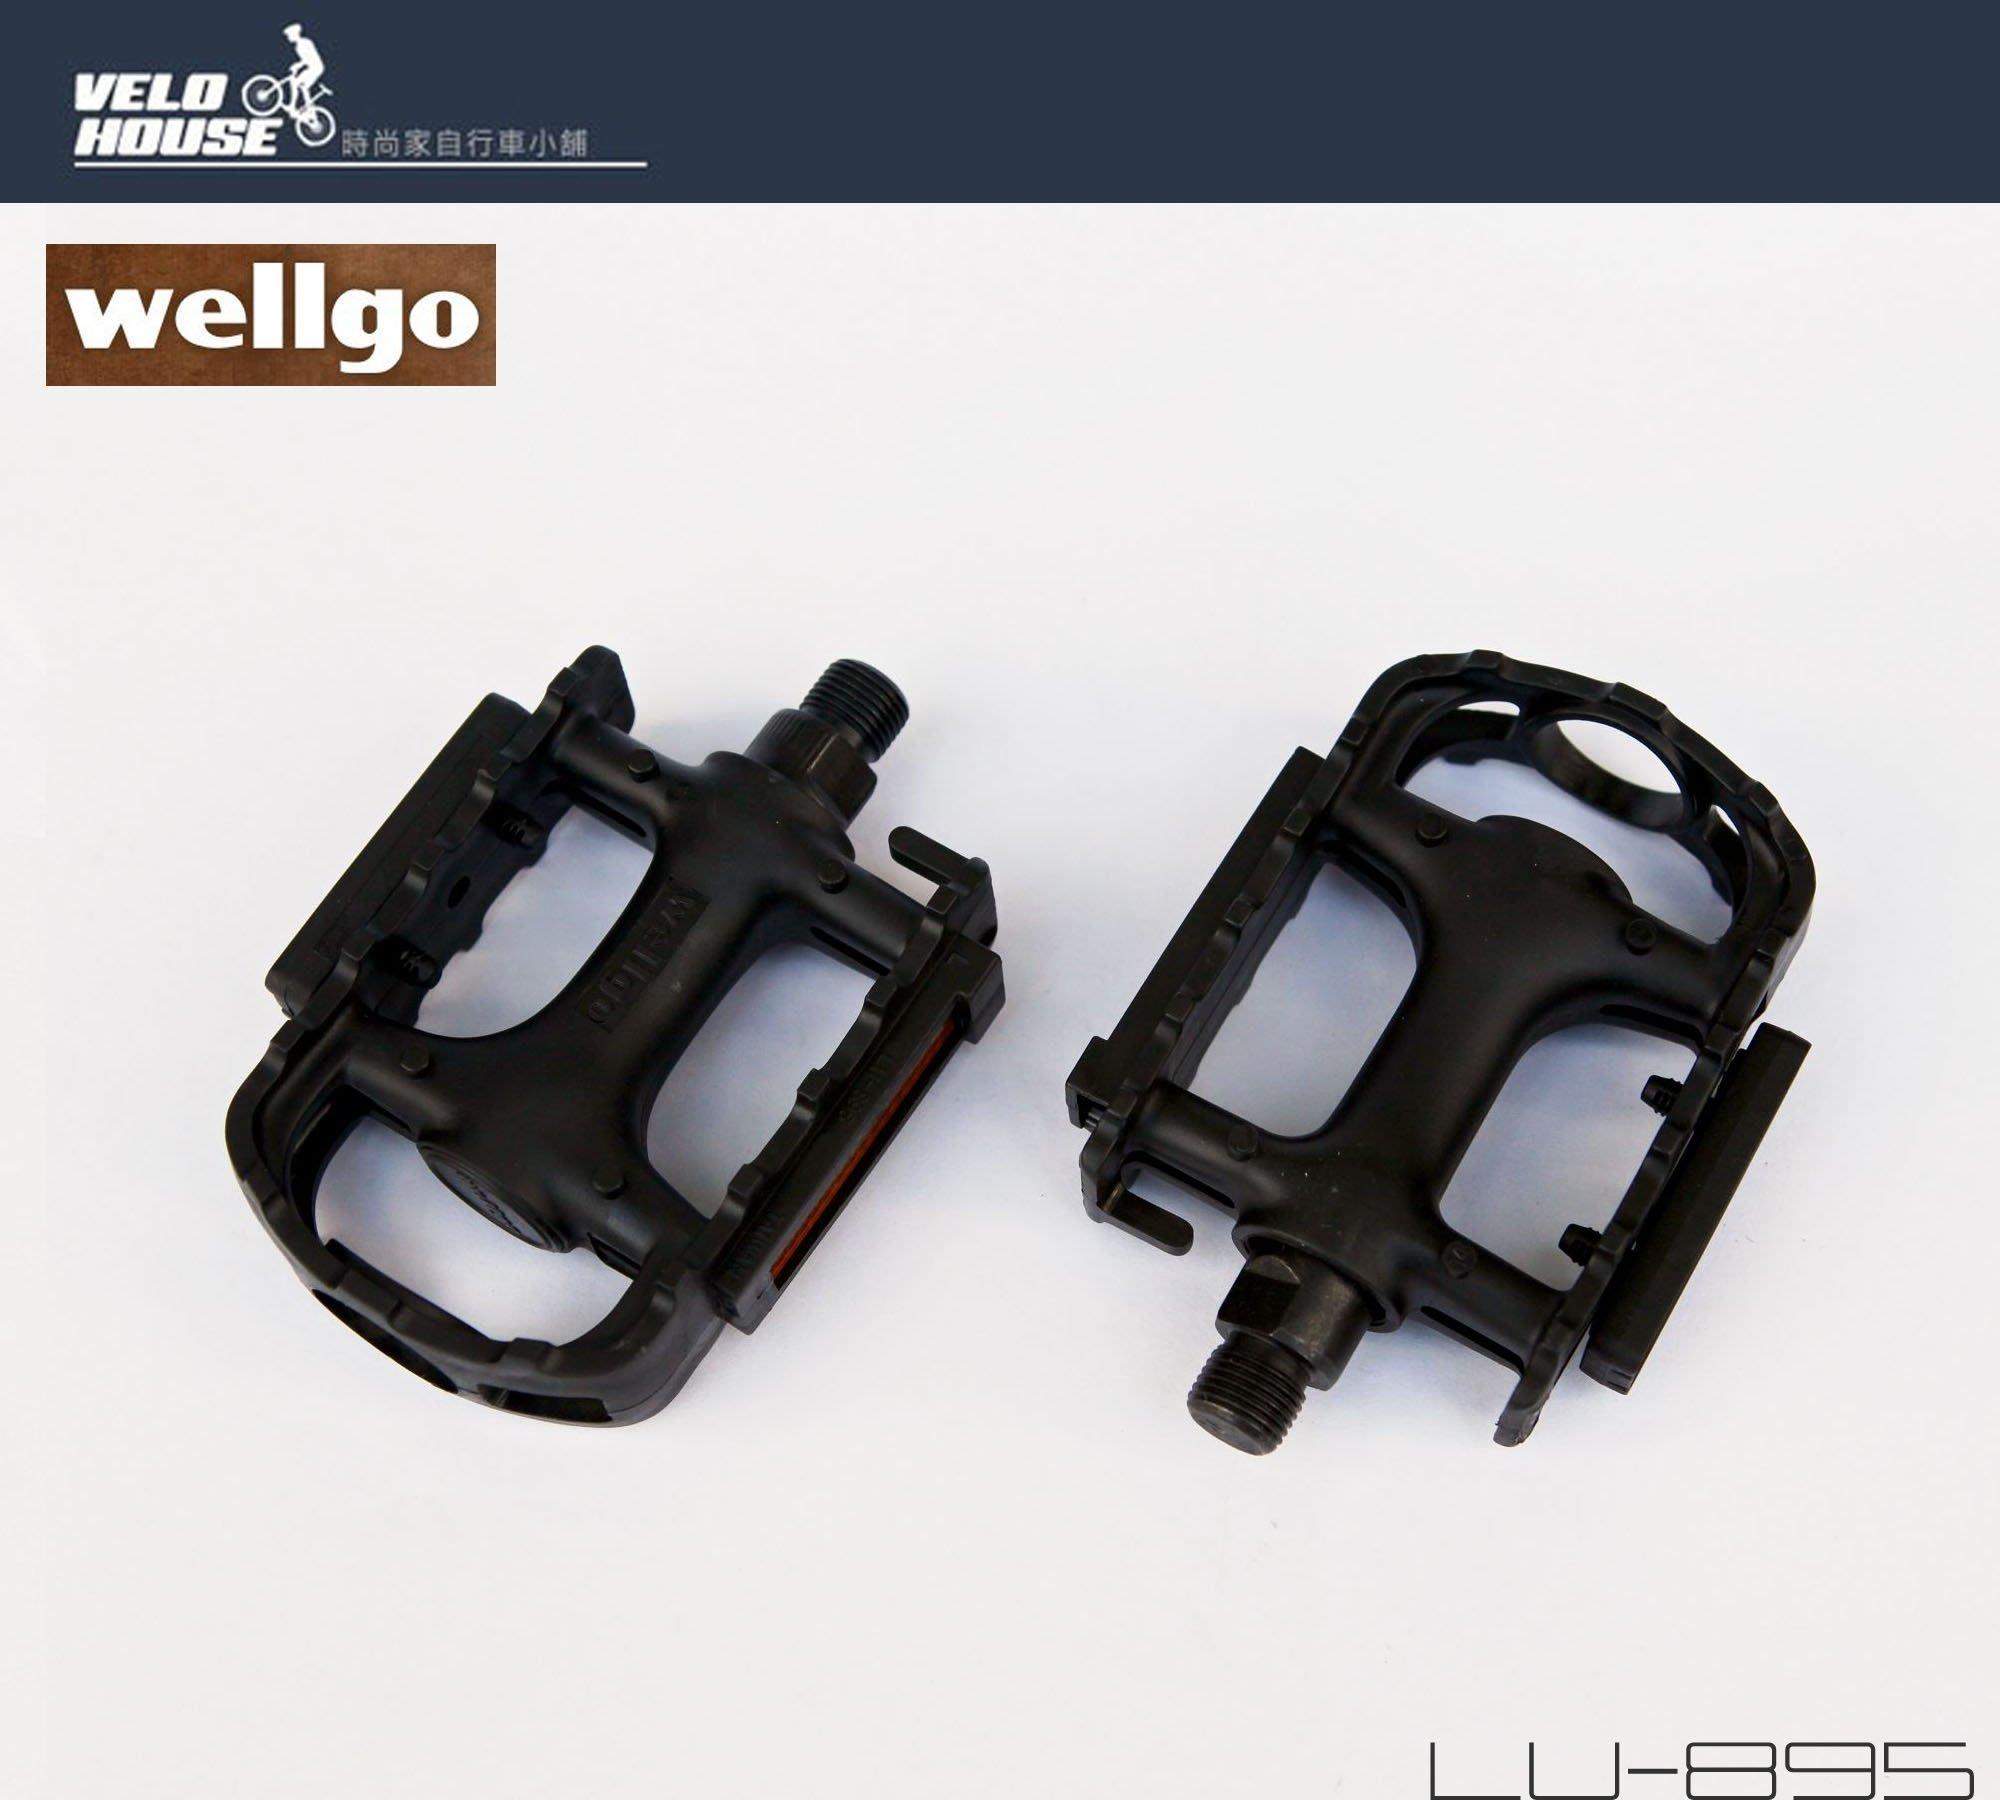 【飛輪單車】wellgo LU-895 塑膠一體成型踏板-平價型[0300-5528]